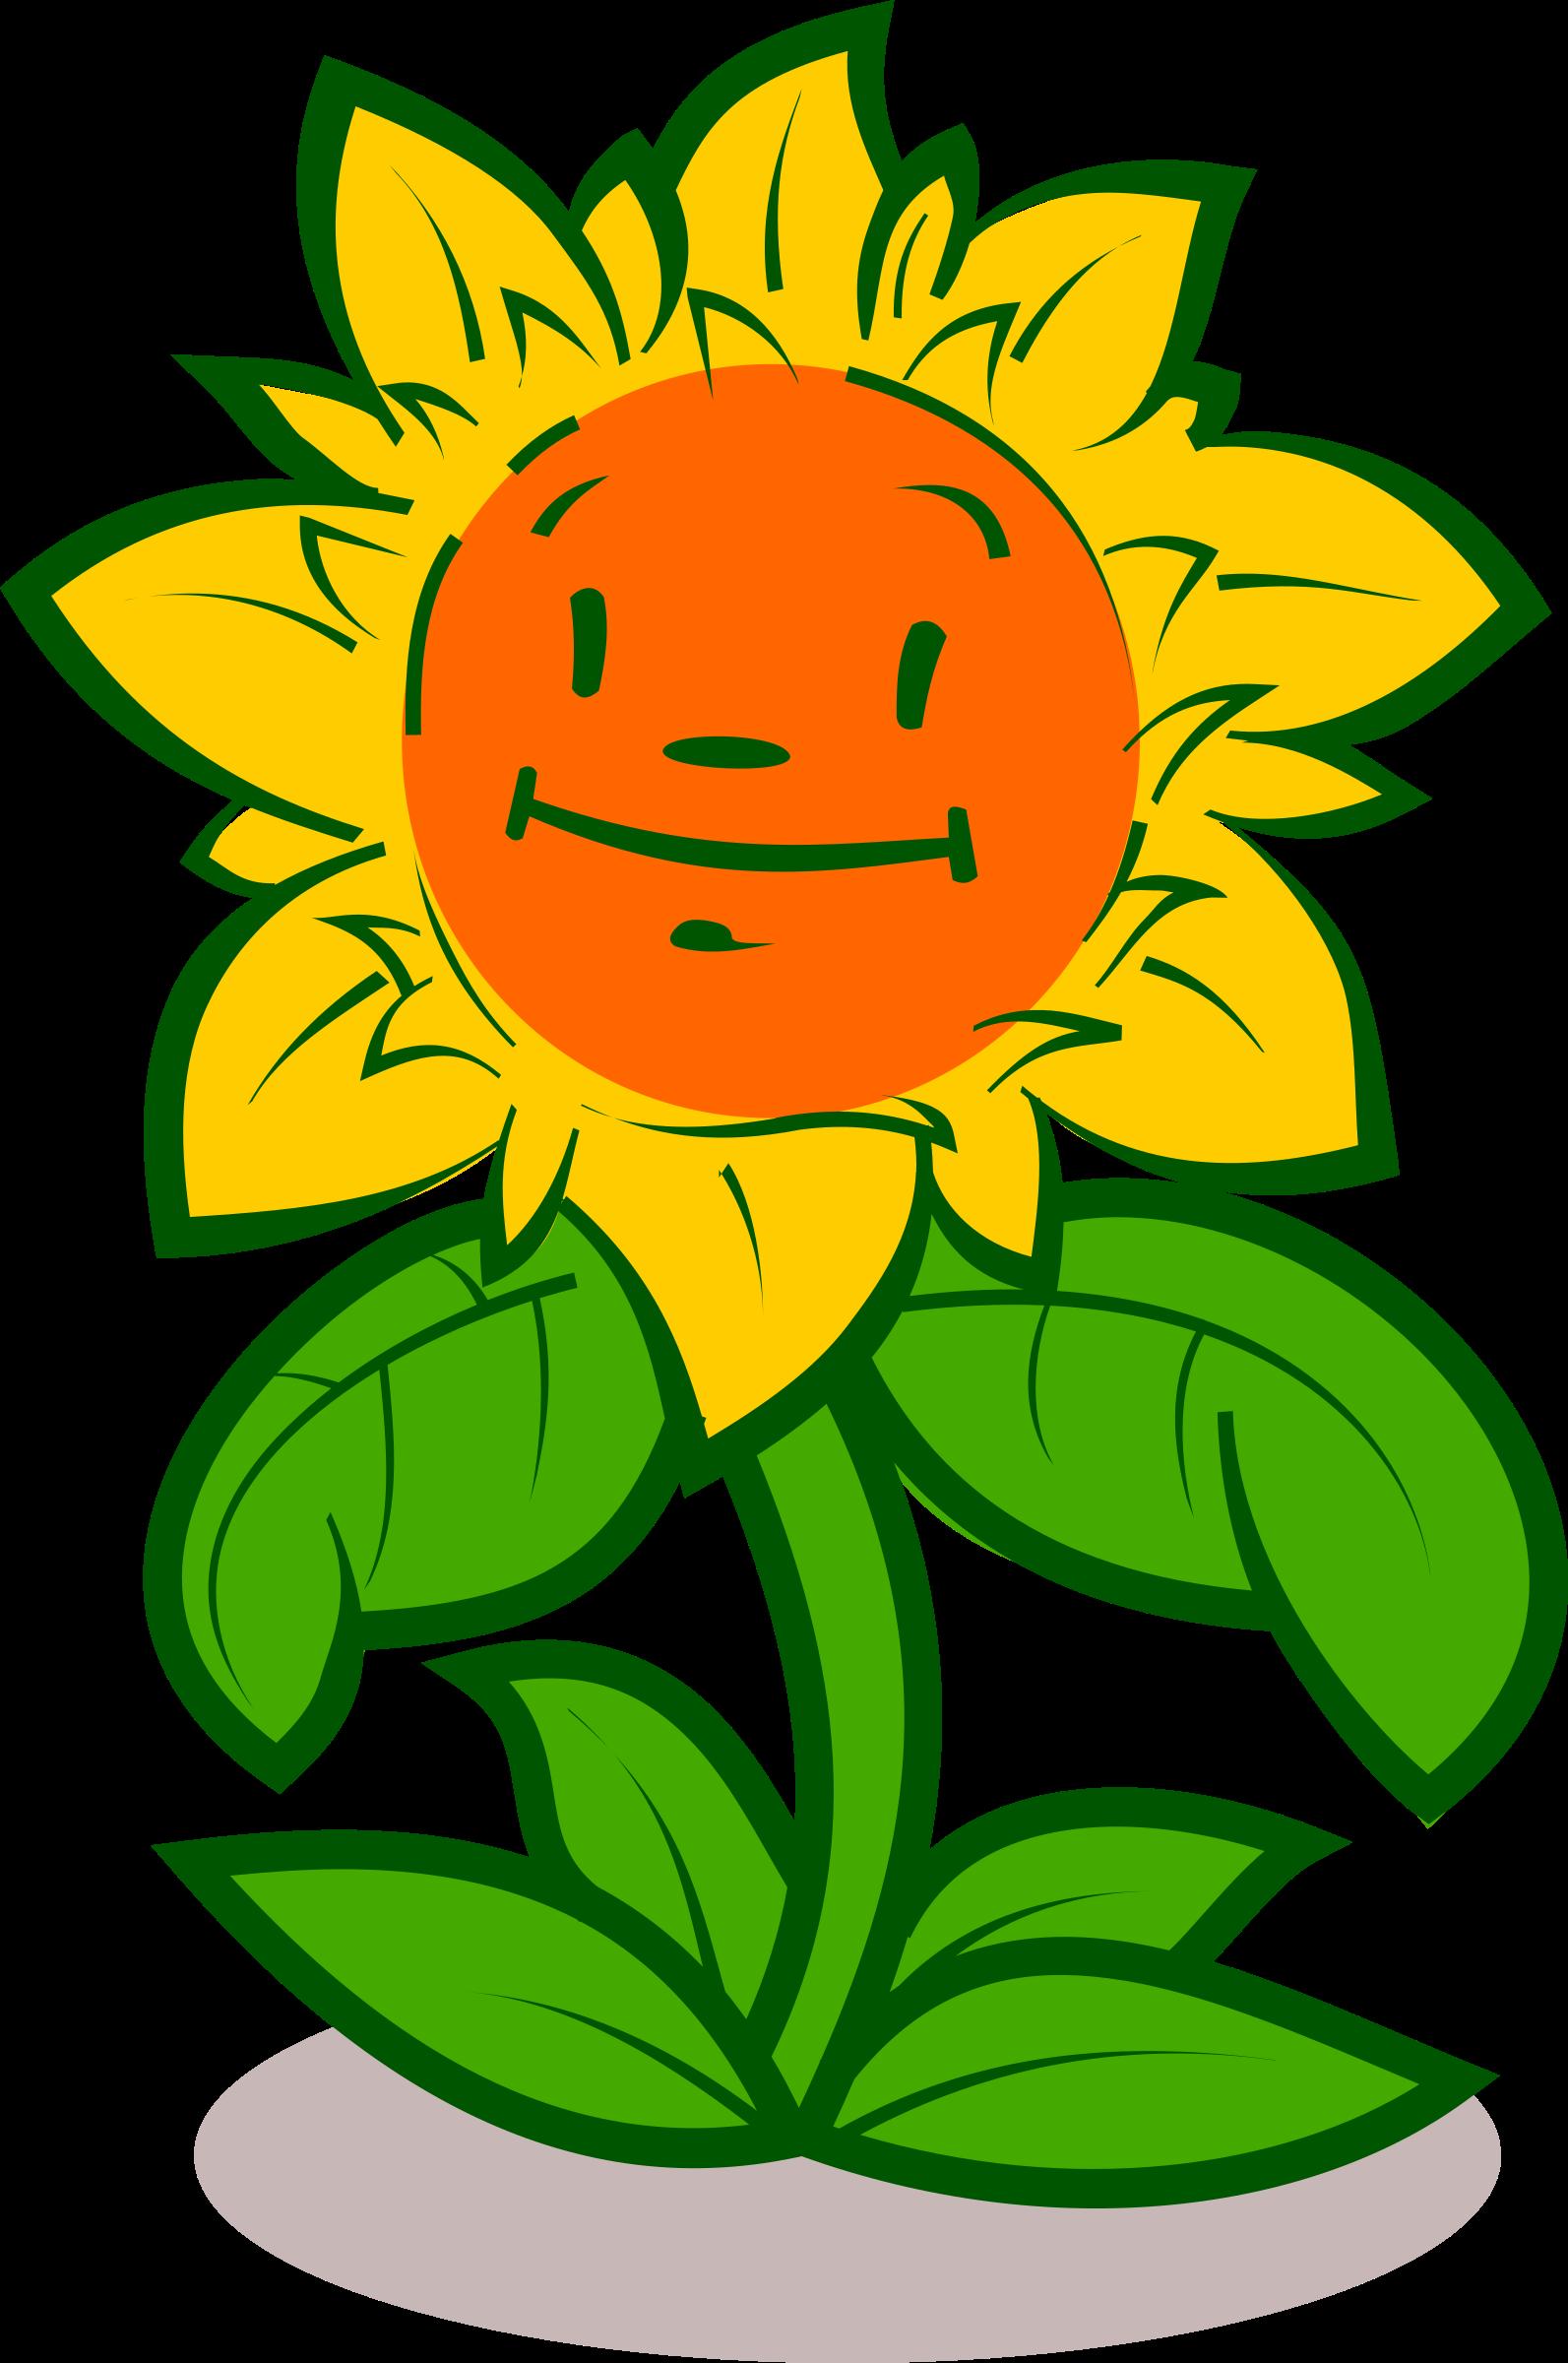 Design clipart garden. Cartoon flower cute big